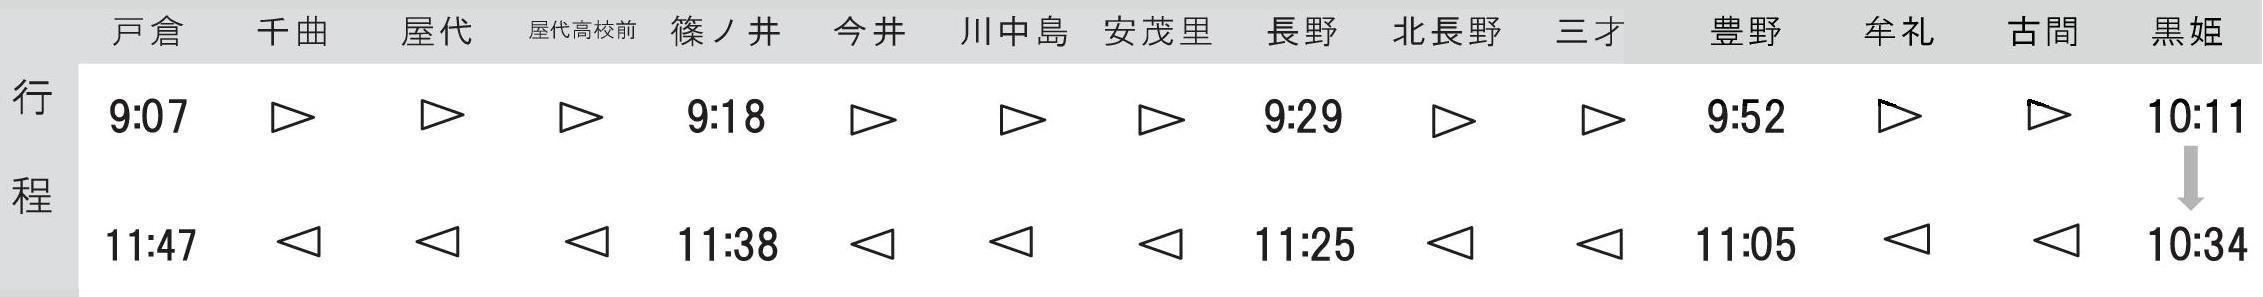 20170427_syodainagano_kita_2.jpg